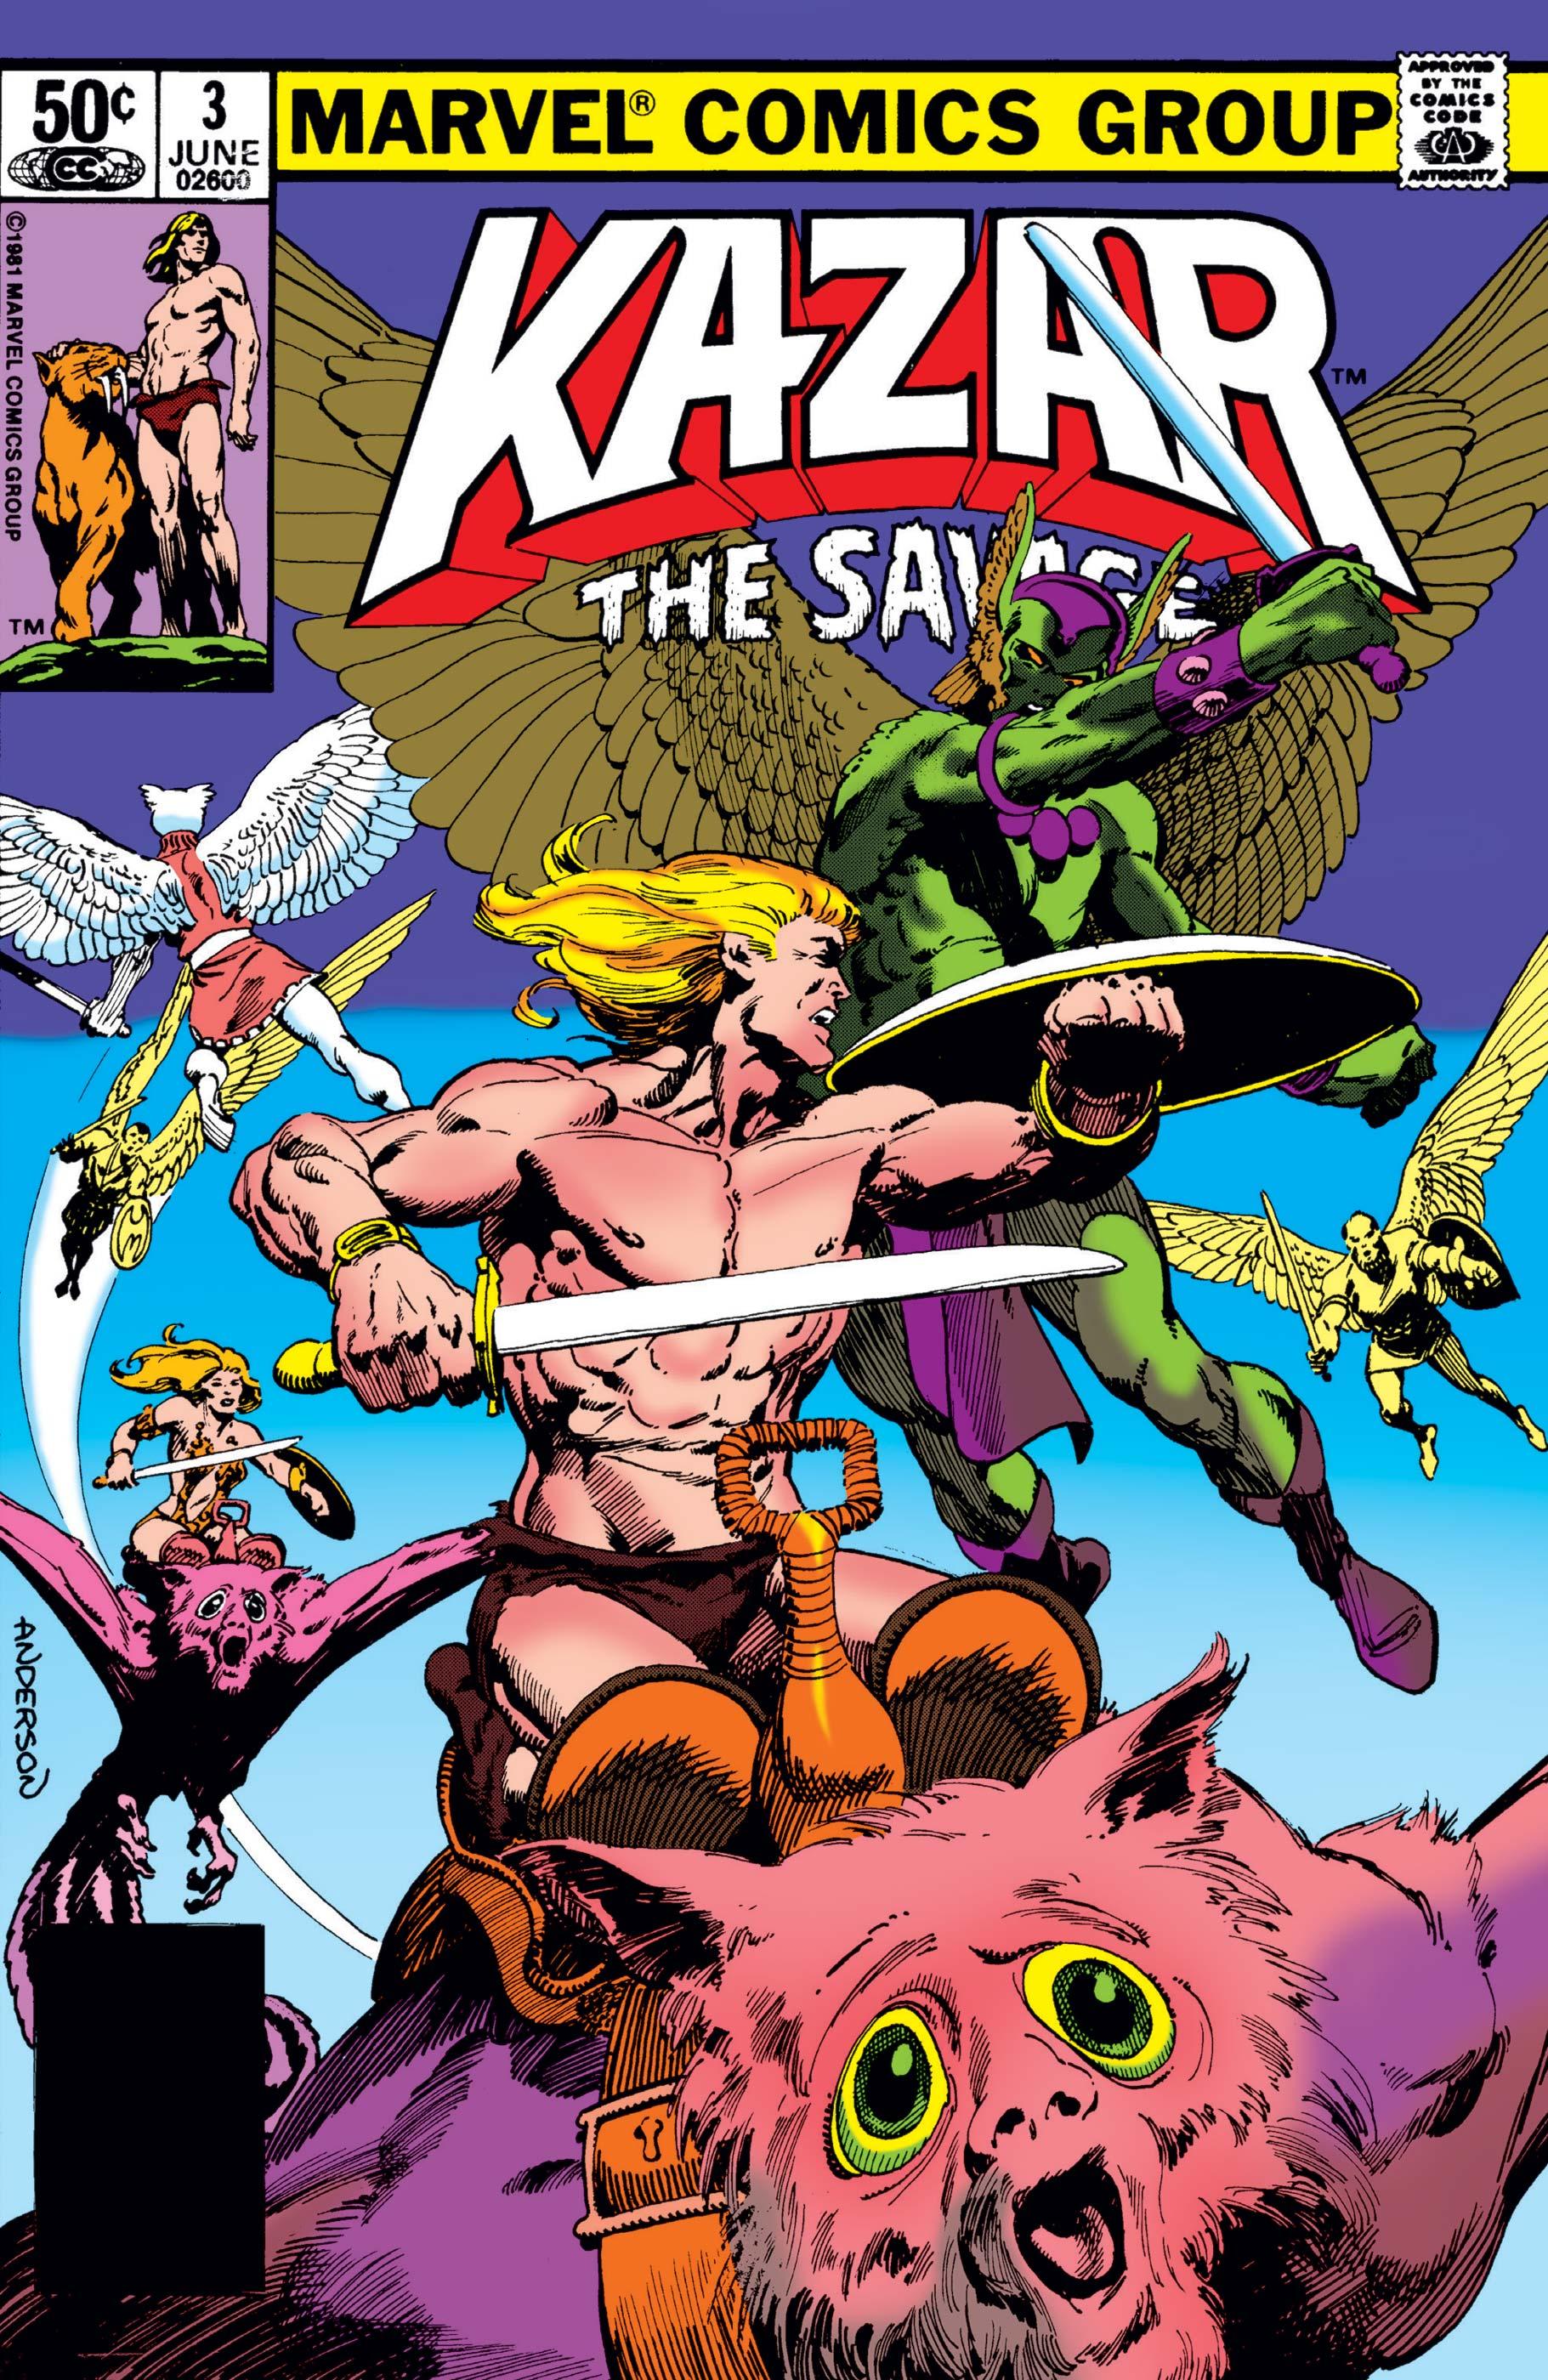 Ka-Zar the Savage (1981) #3